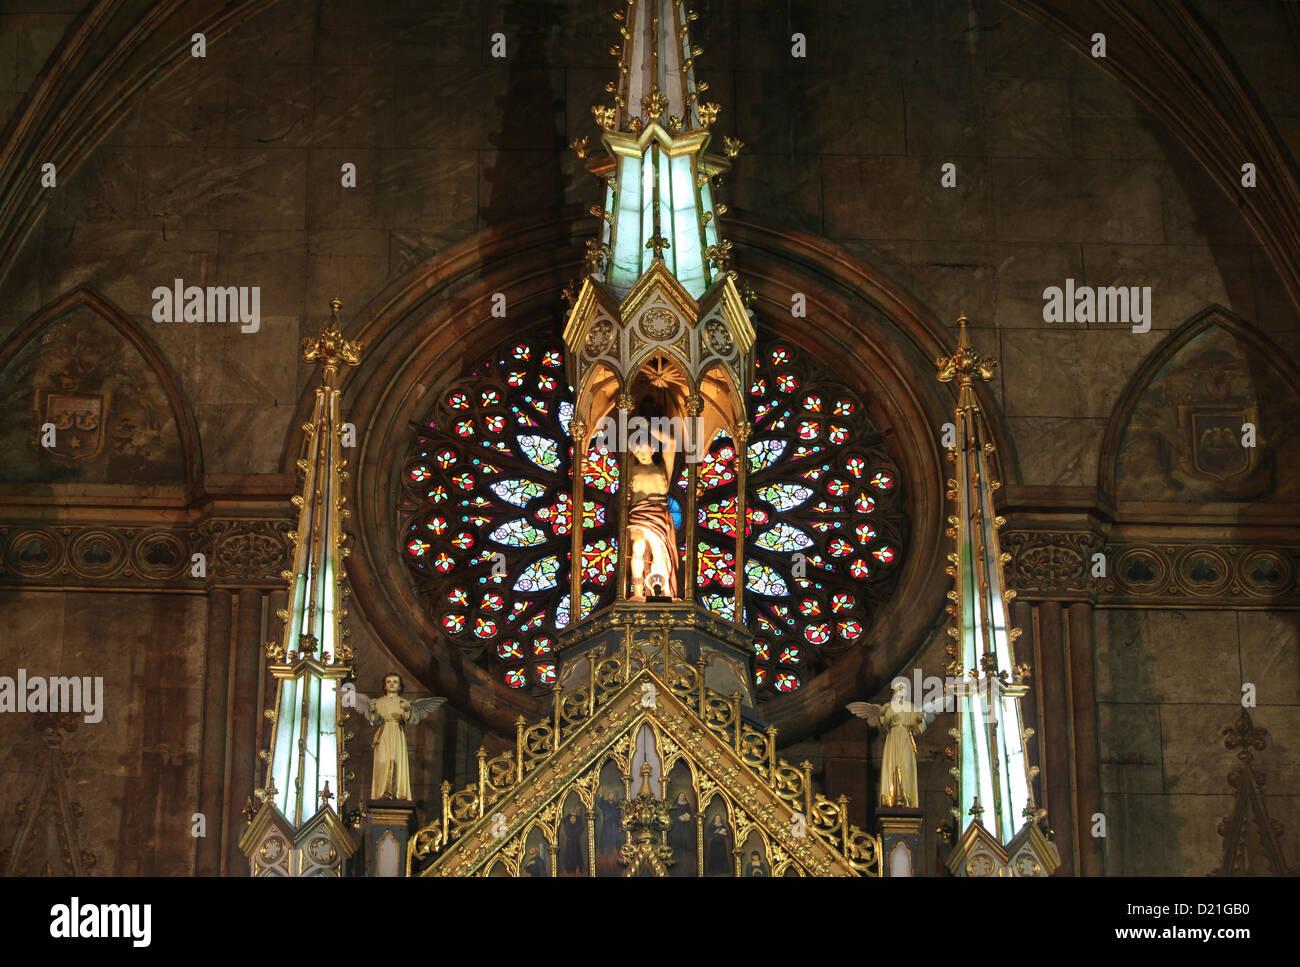 Statue und alte bemalte Glasfenster im Basilica de San Sebastian, die nur alle Stahl Kirche in Manila, Philippinen, Stockbild